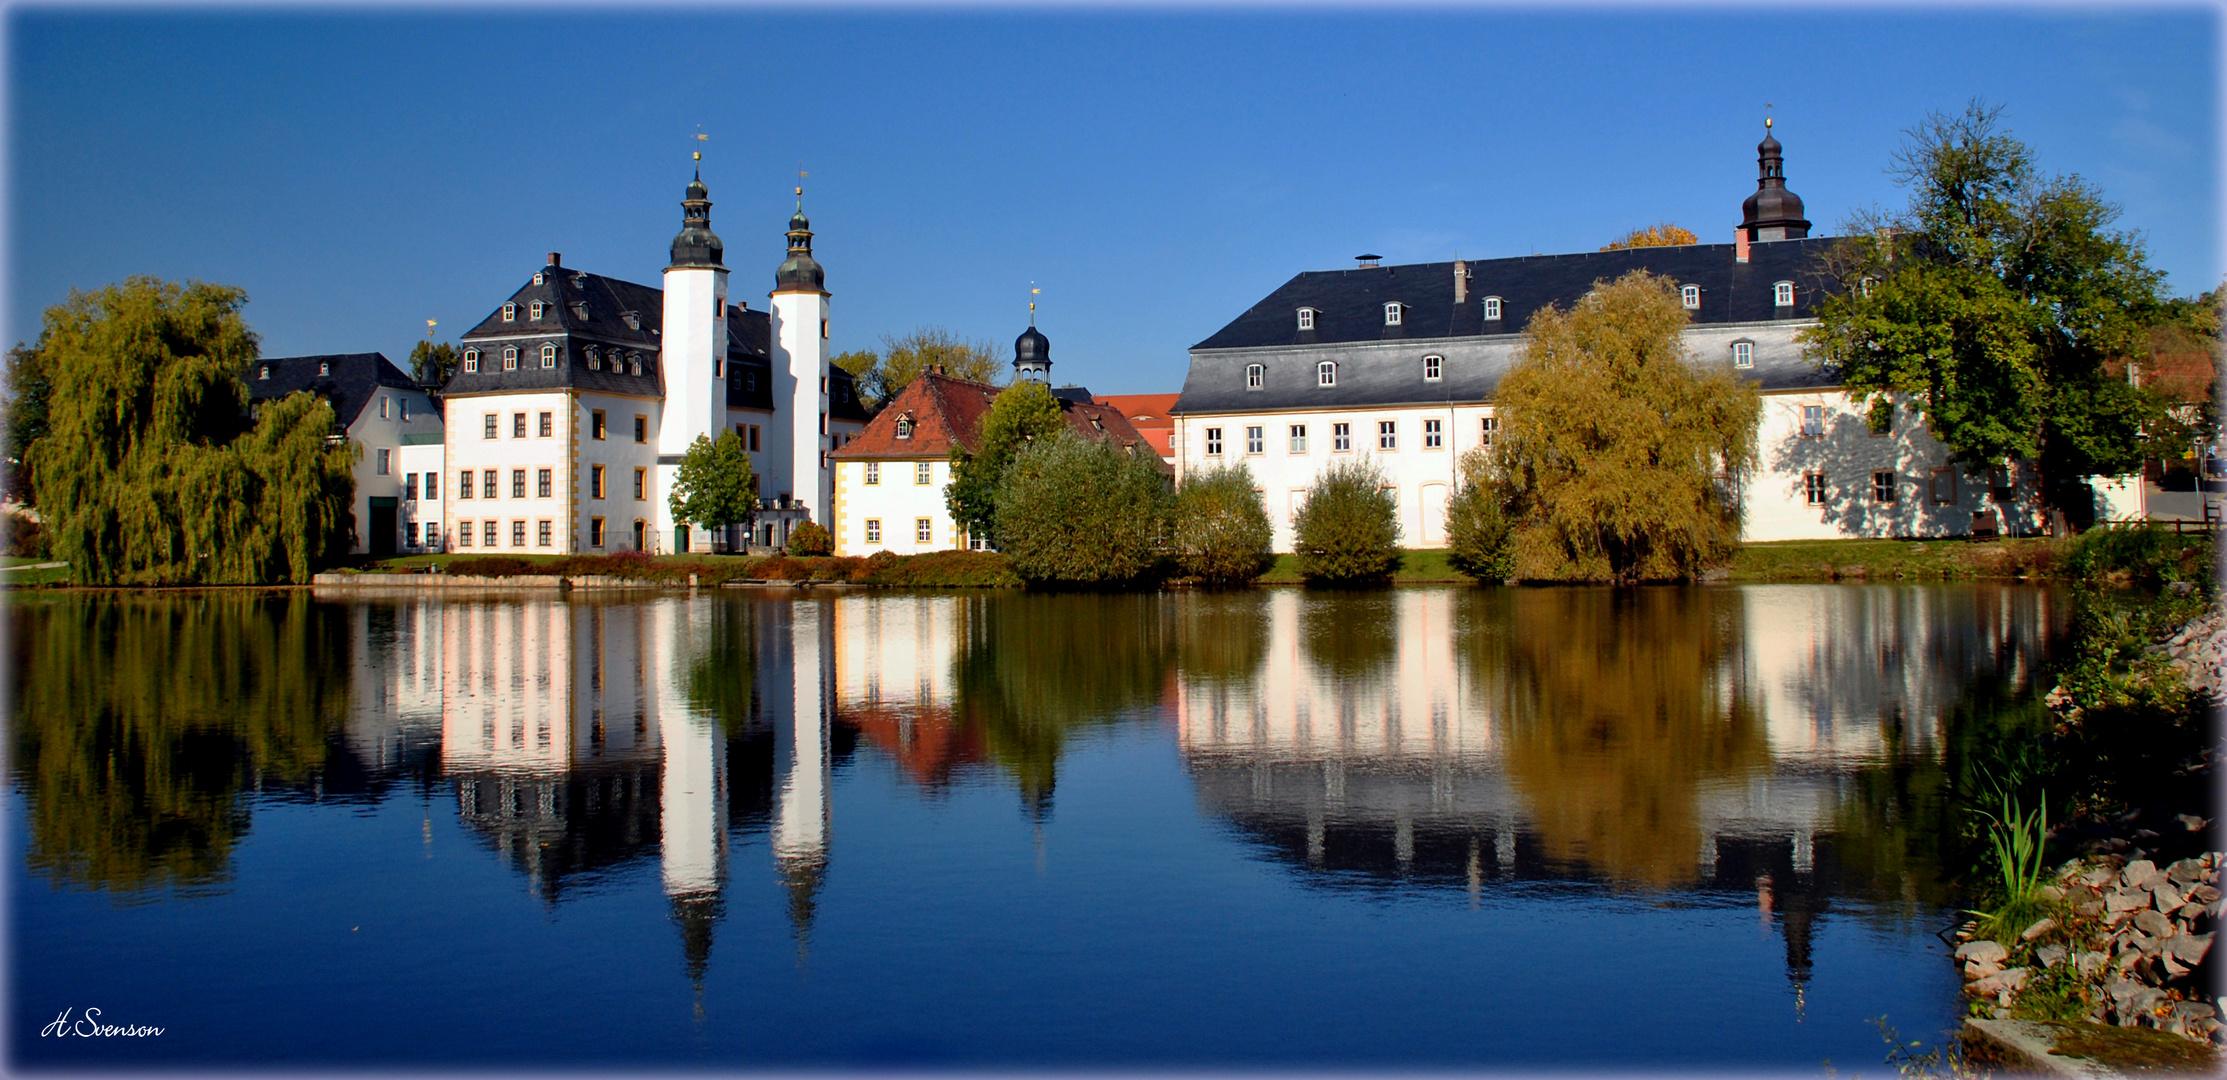 Schloss Blankenhain im Oktober